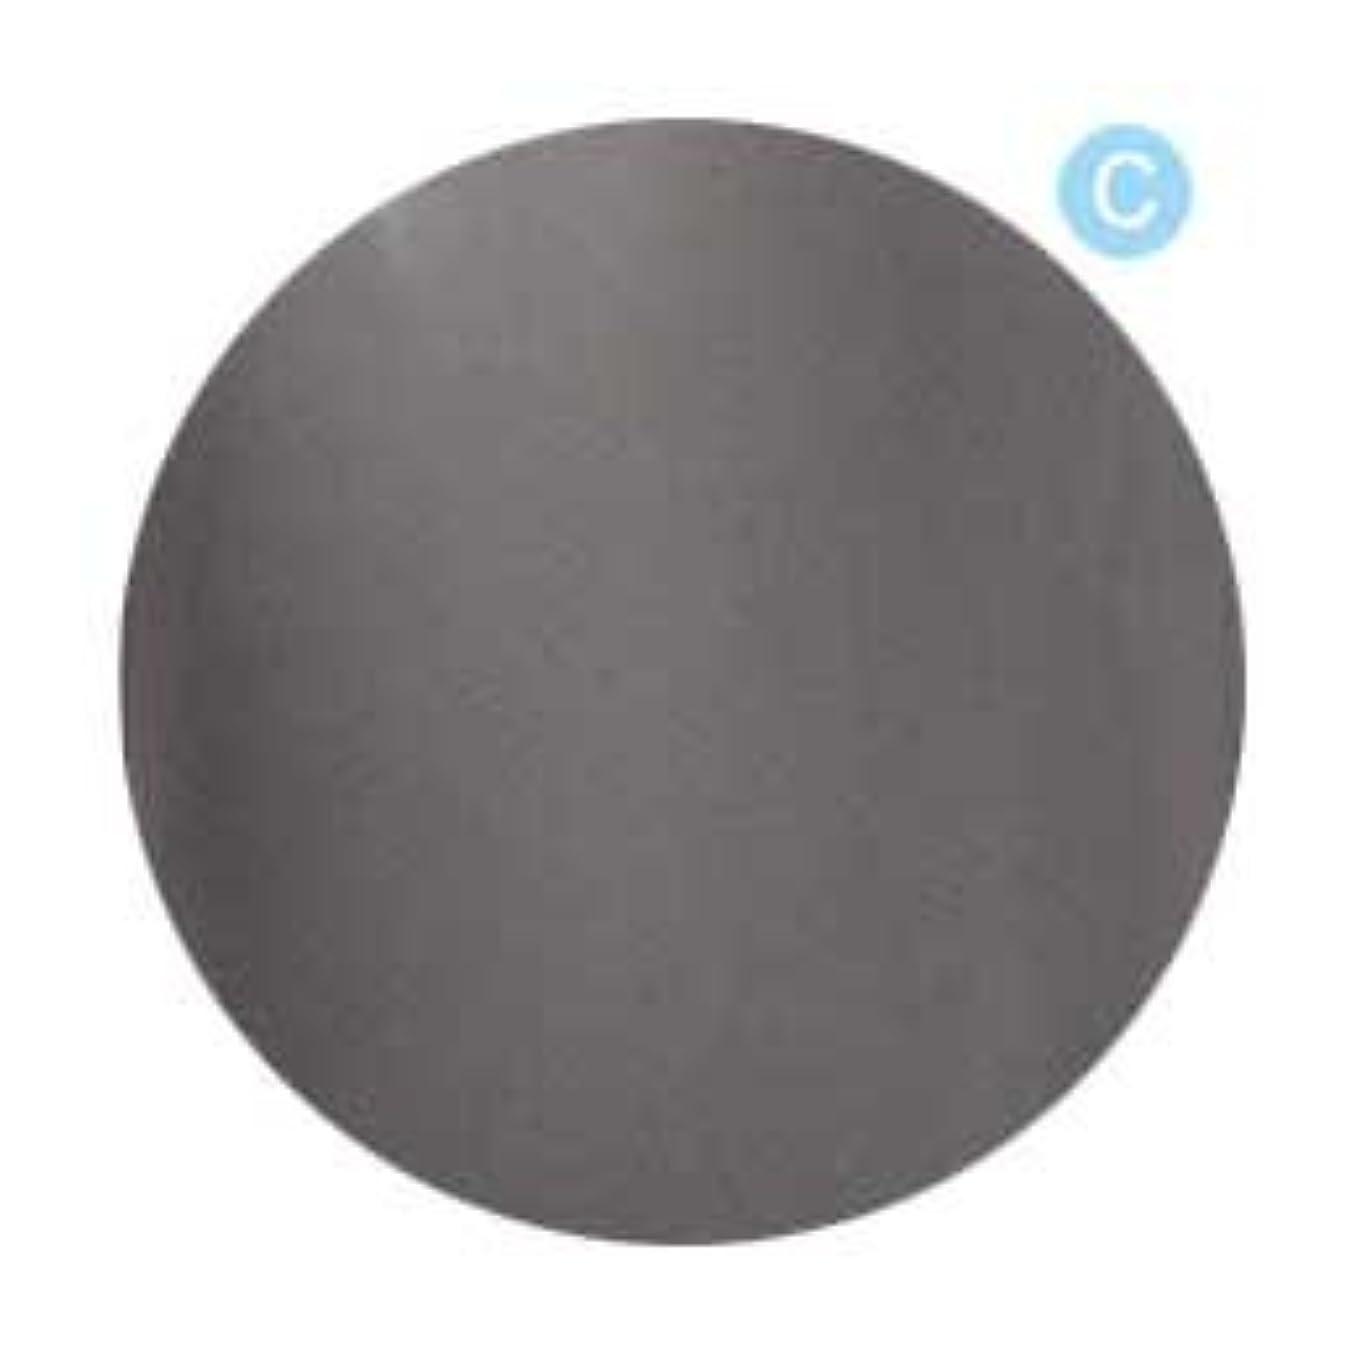 適応のささやきPalms Graceful カラージェル 3g 026 クリアブラック